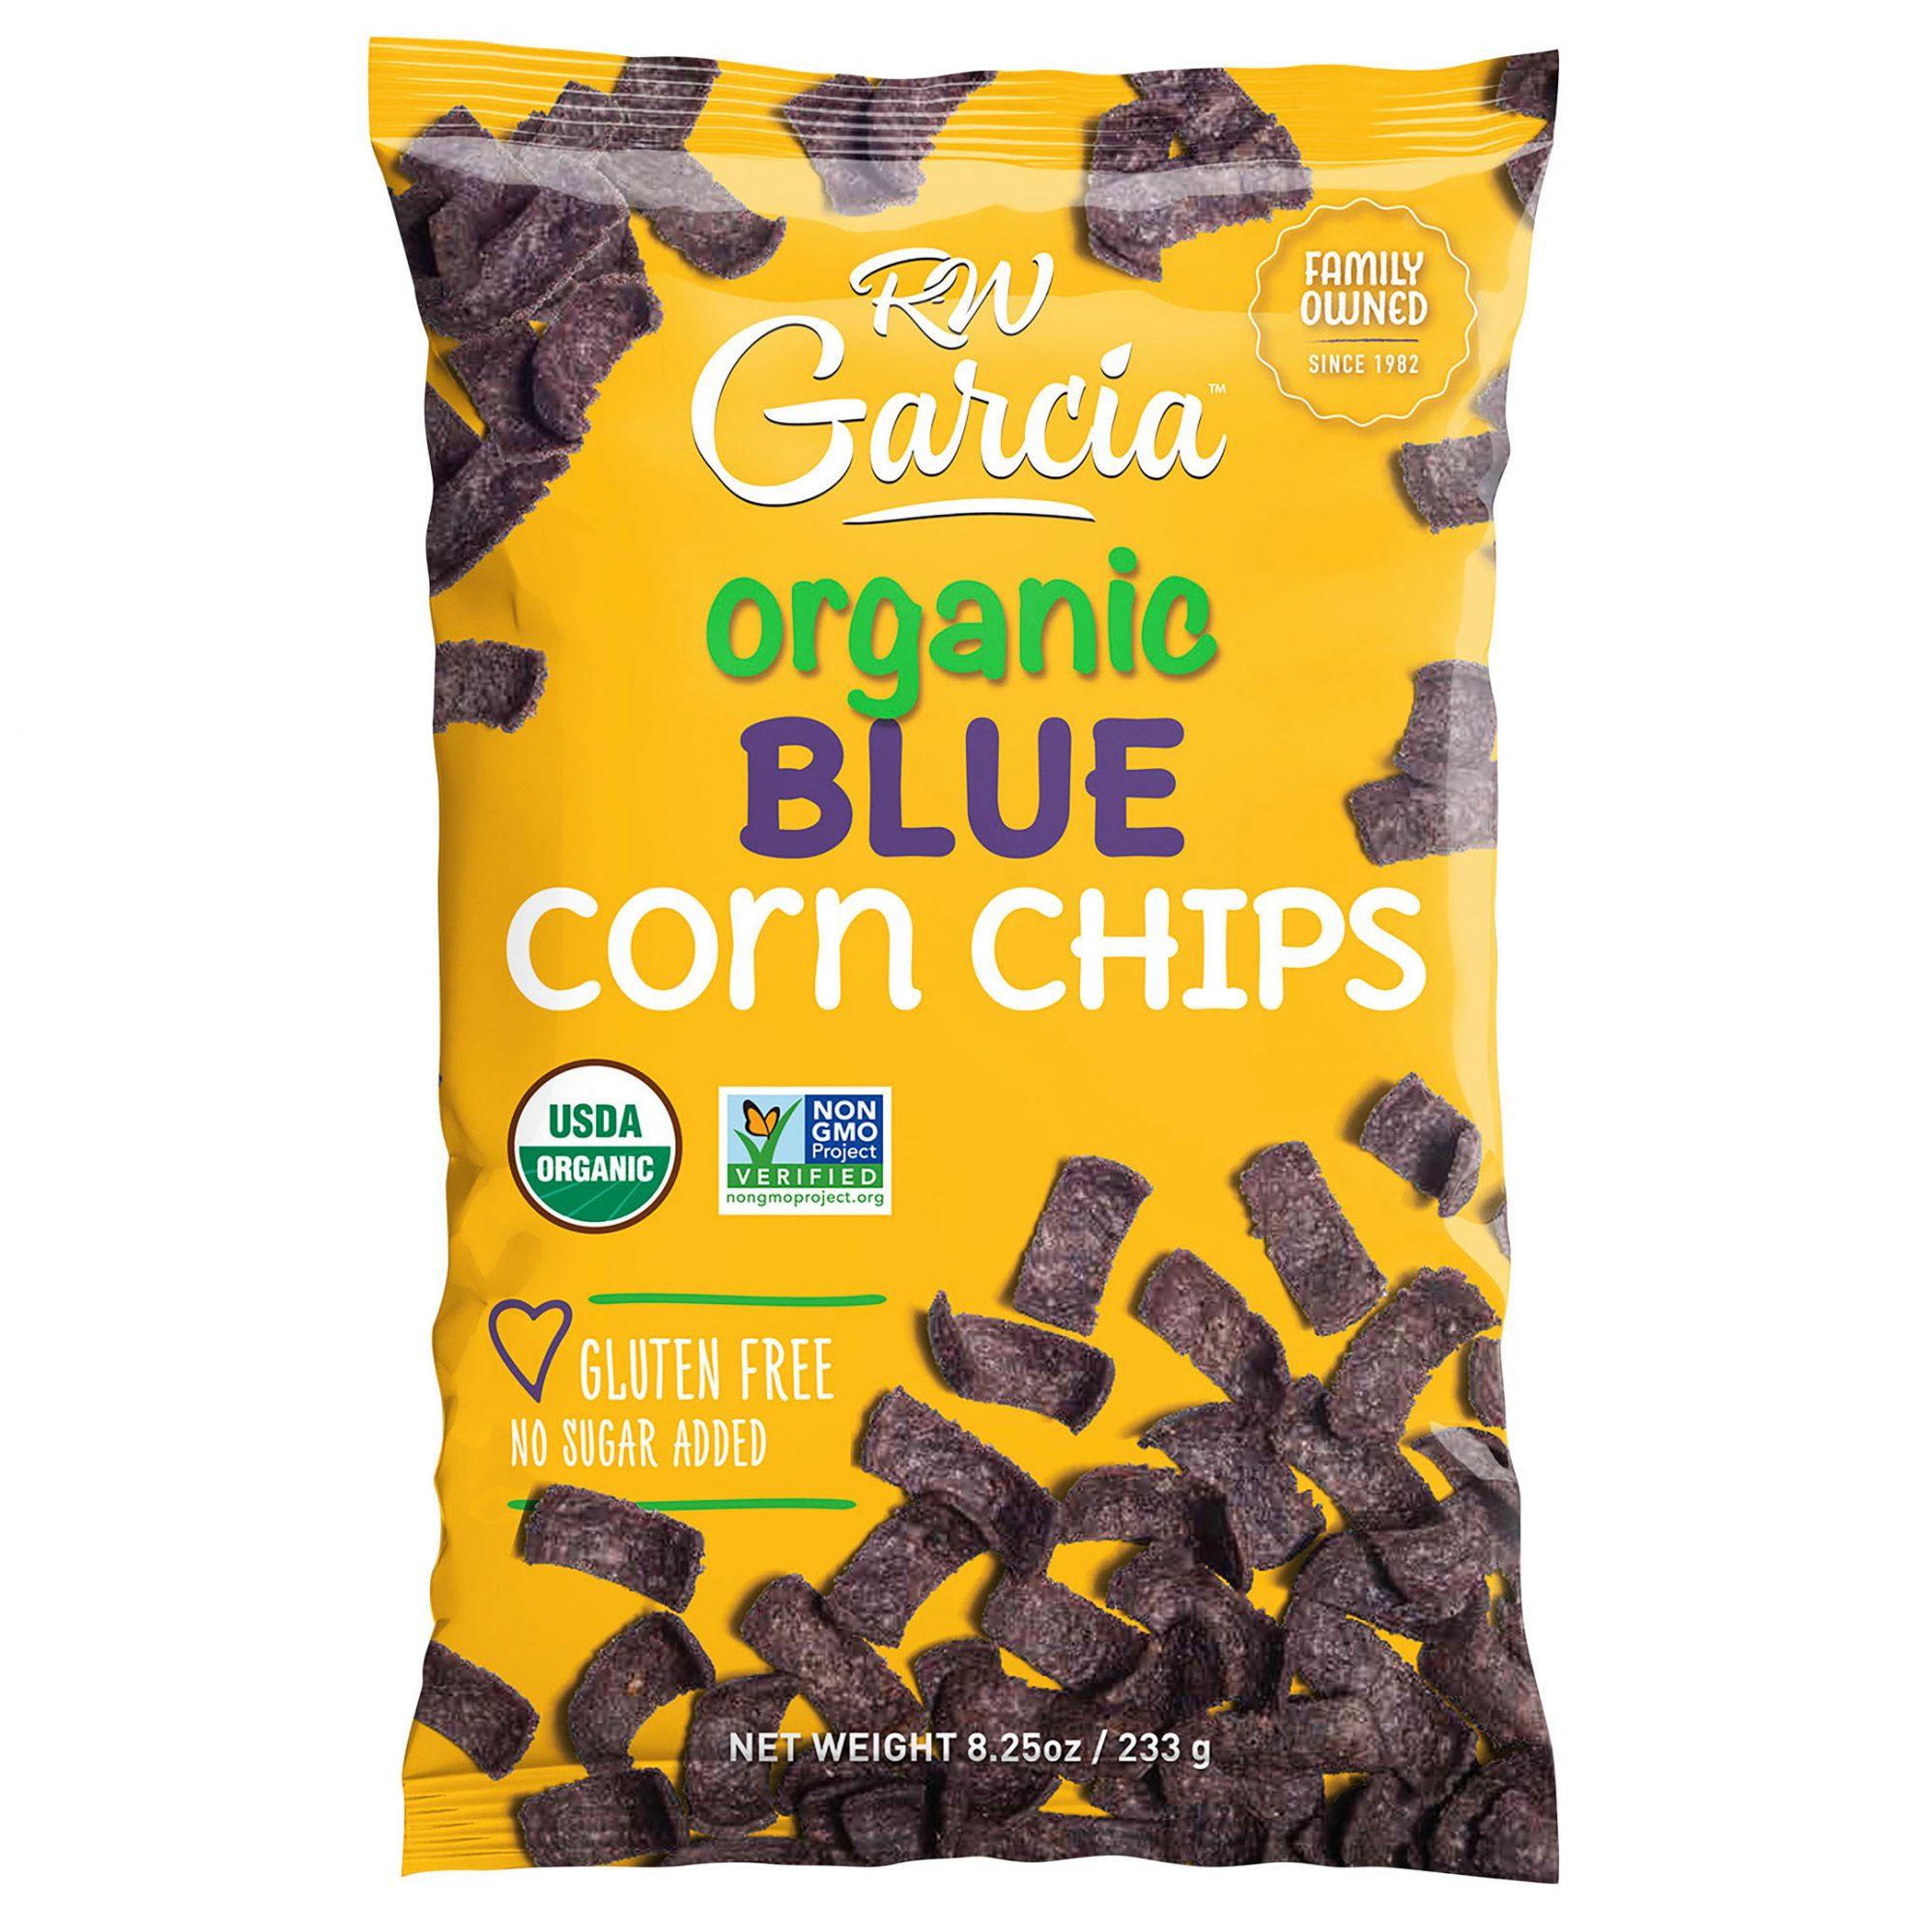 rw garcia organic blue corn chips